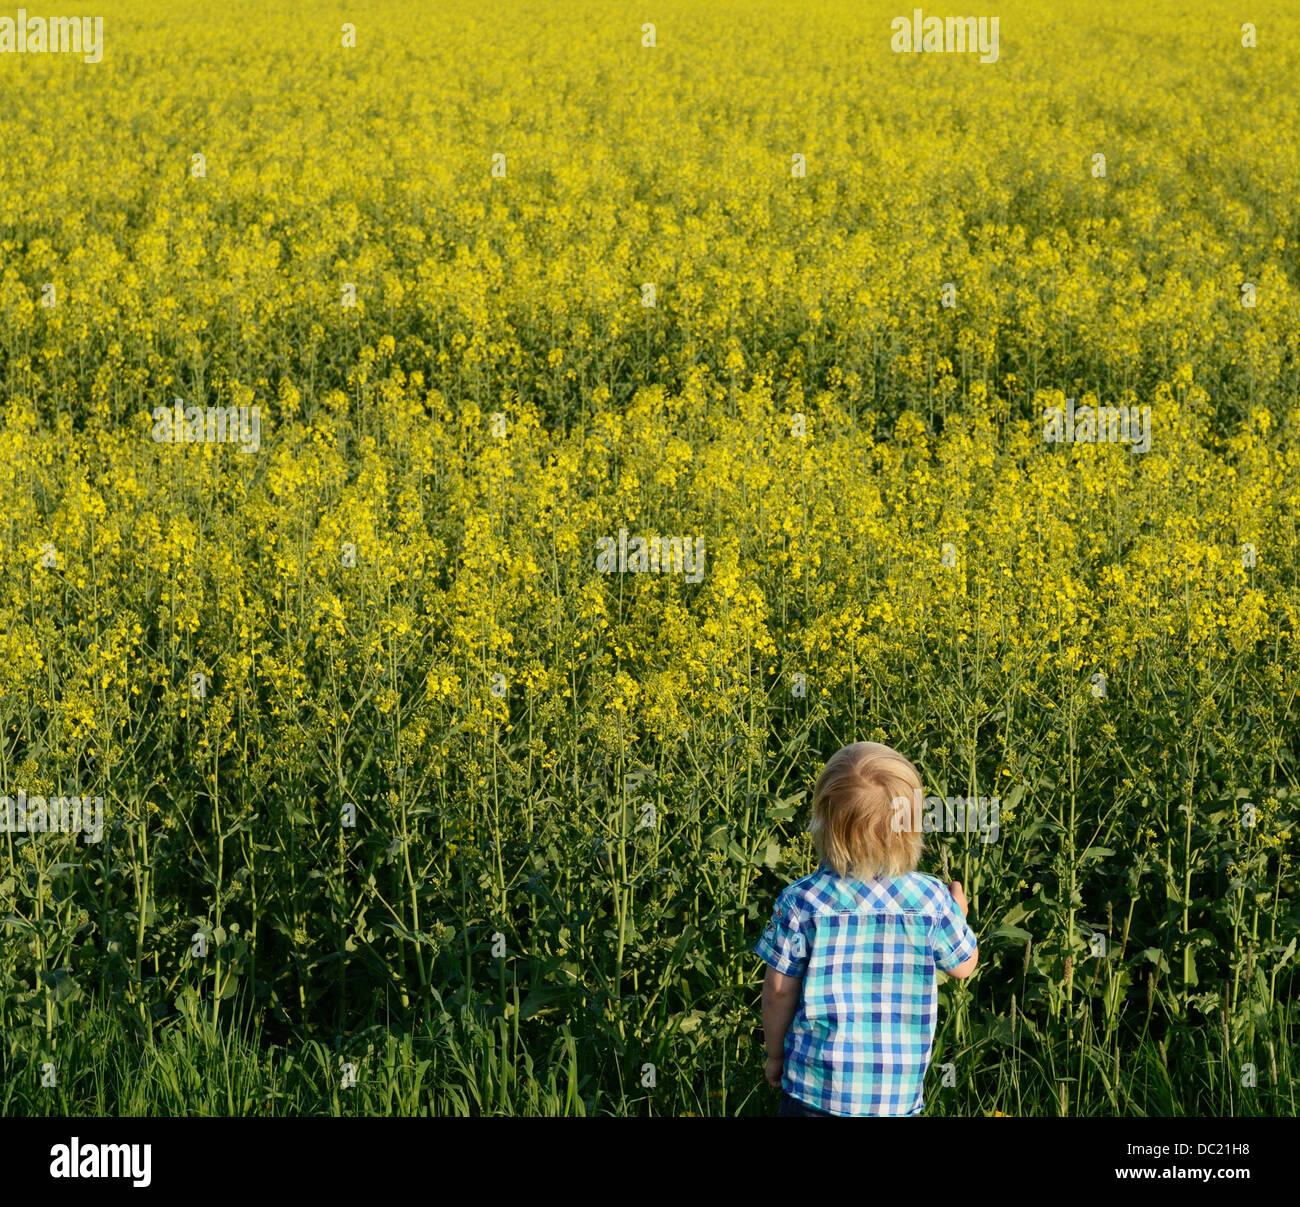 Chico mirando al campo, un alto ángulo de visualización Imagen De Stock